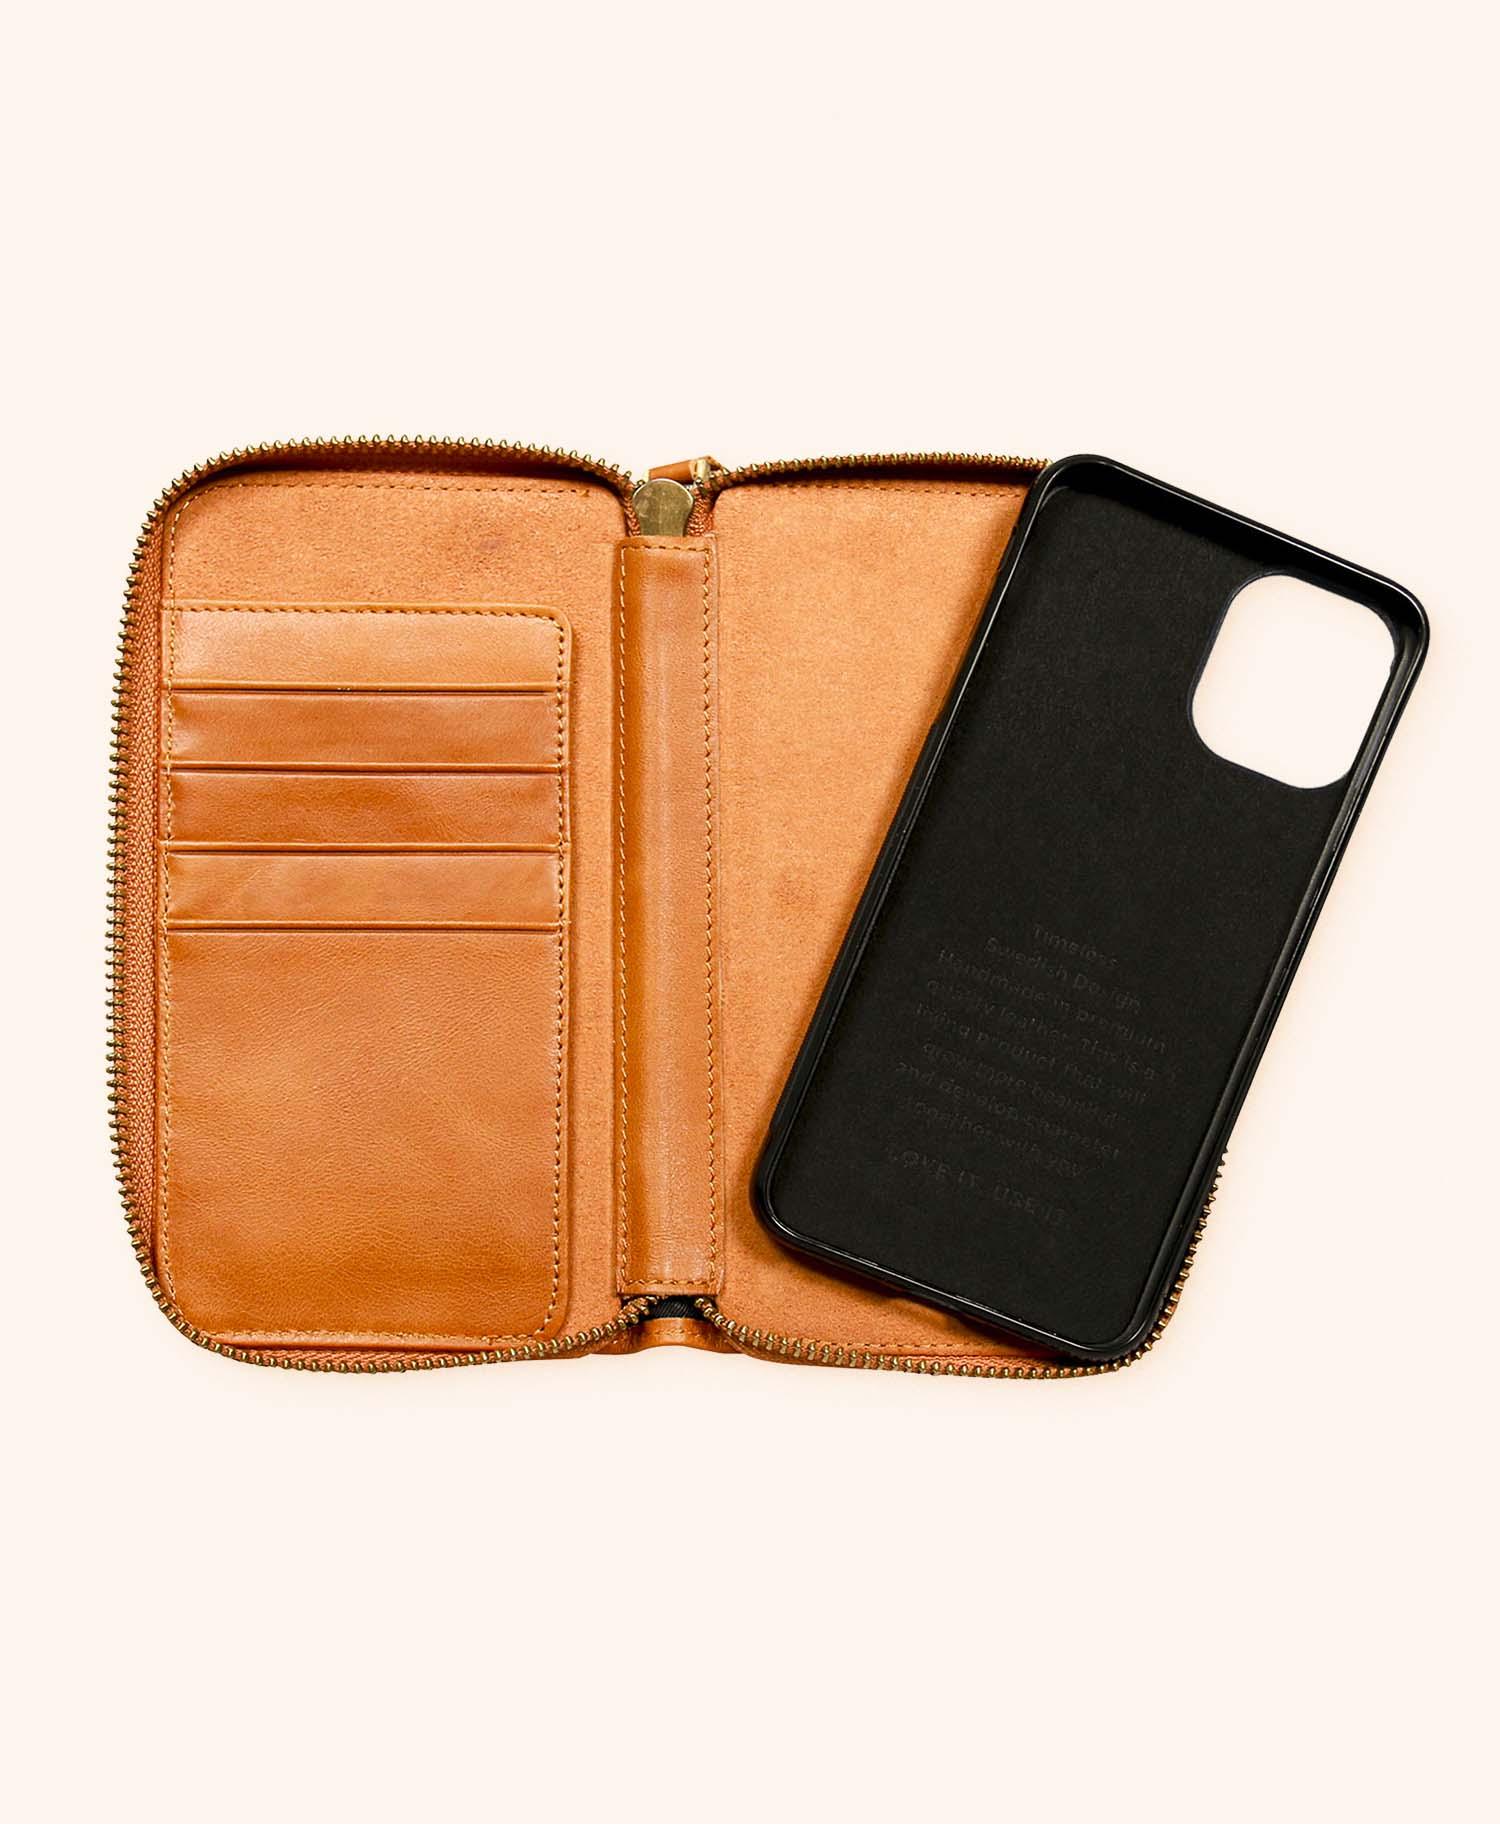 Greg cognac wallet iphone 11 - inside